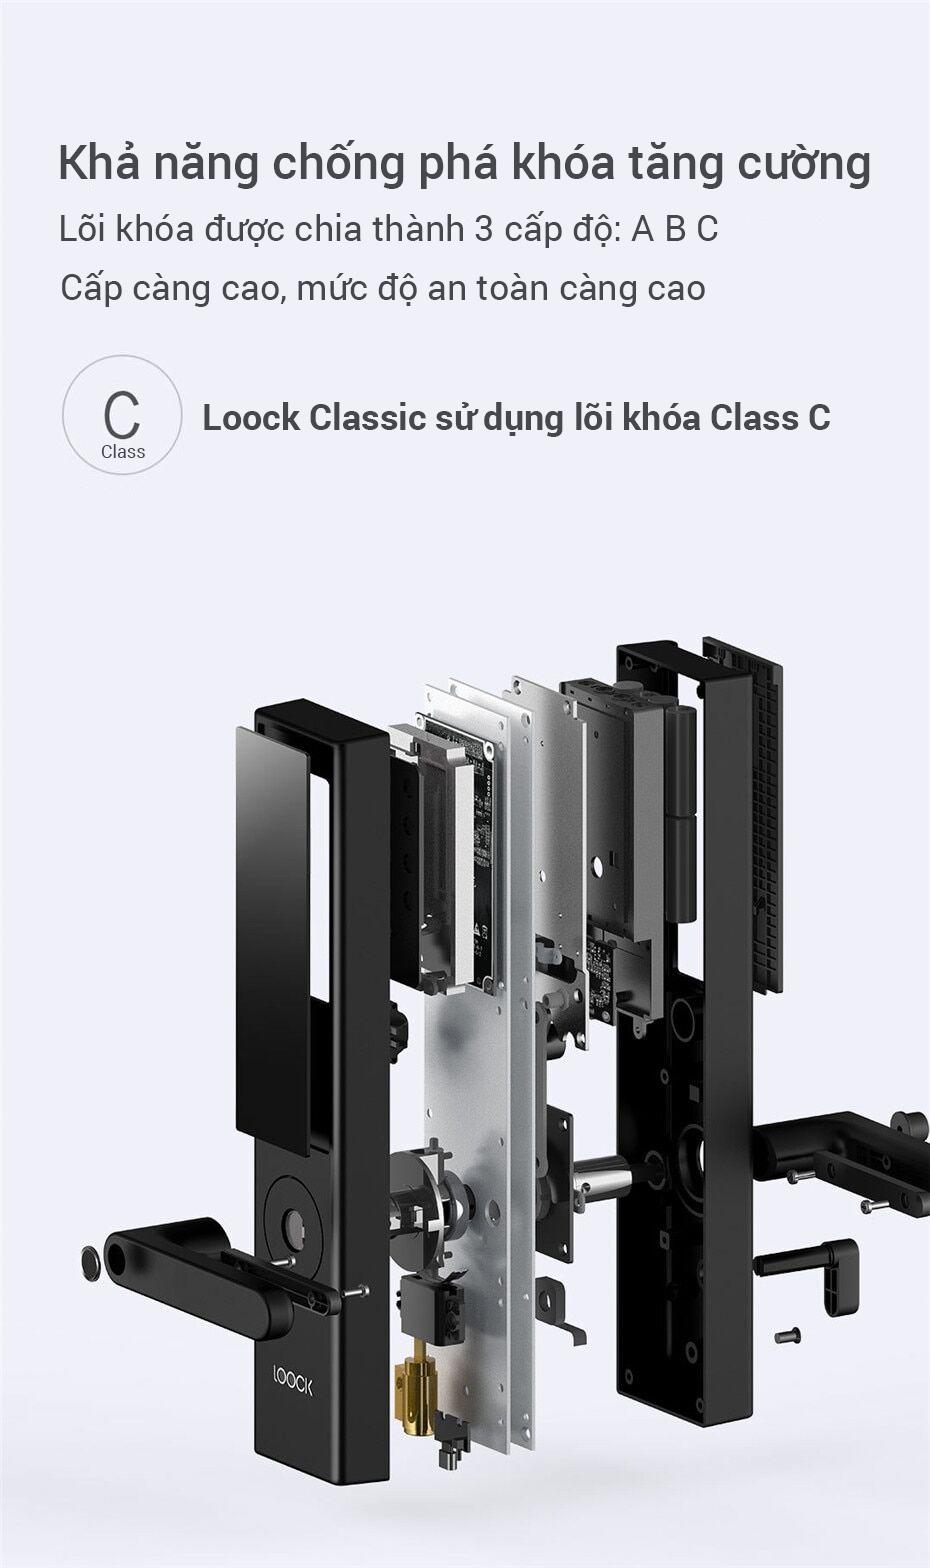 Khóa Cửa Thông Minh Xiaomi LOOCK Classic 21